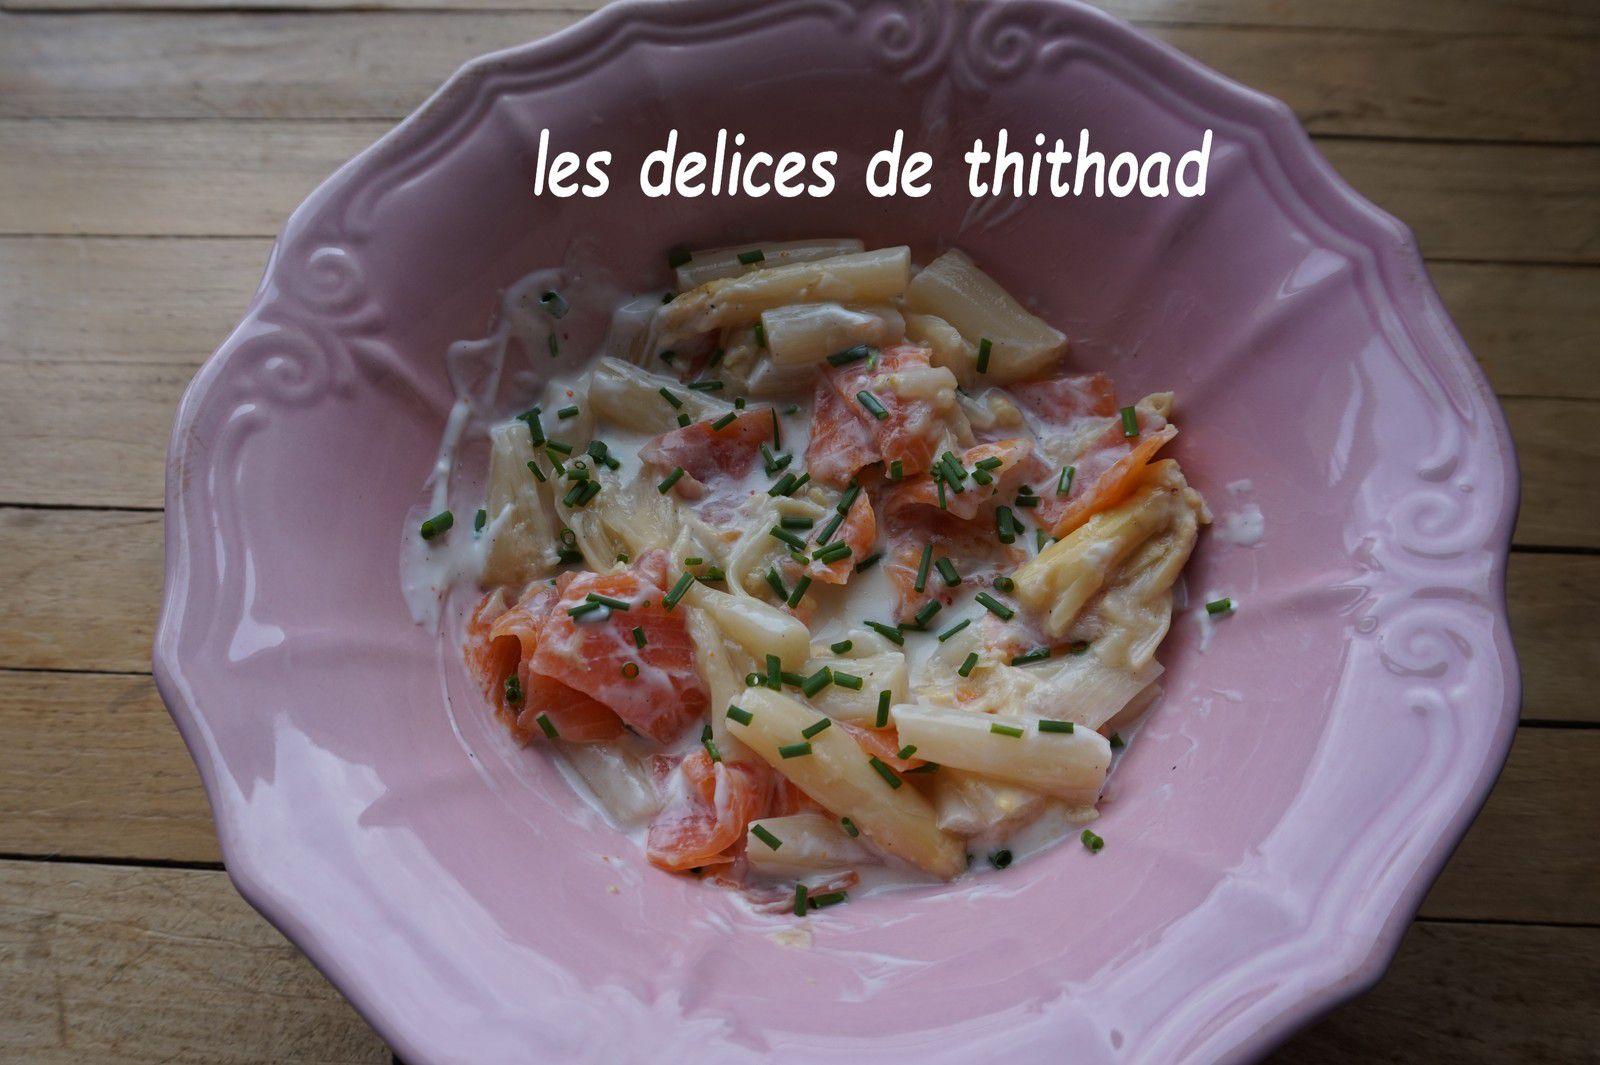 Salade d'asperges blanches au saumon fumé